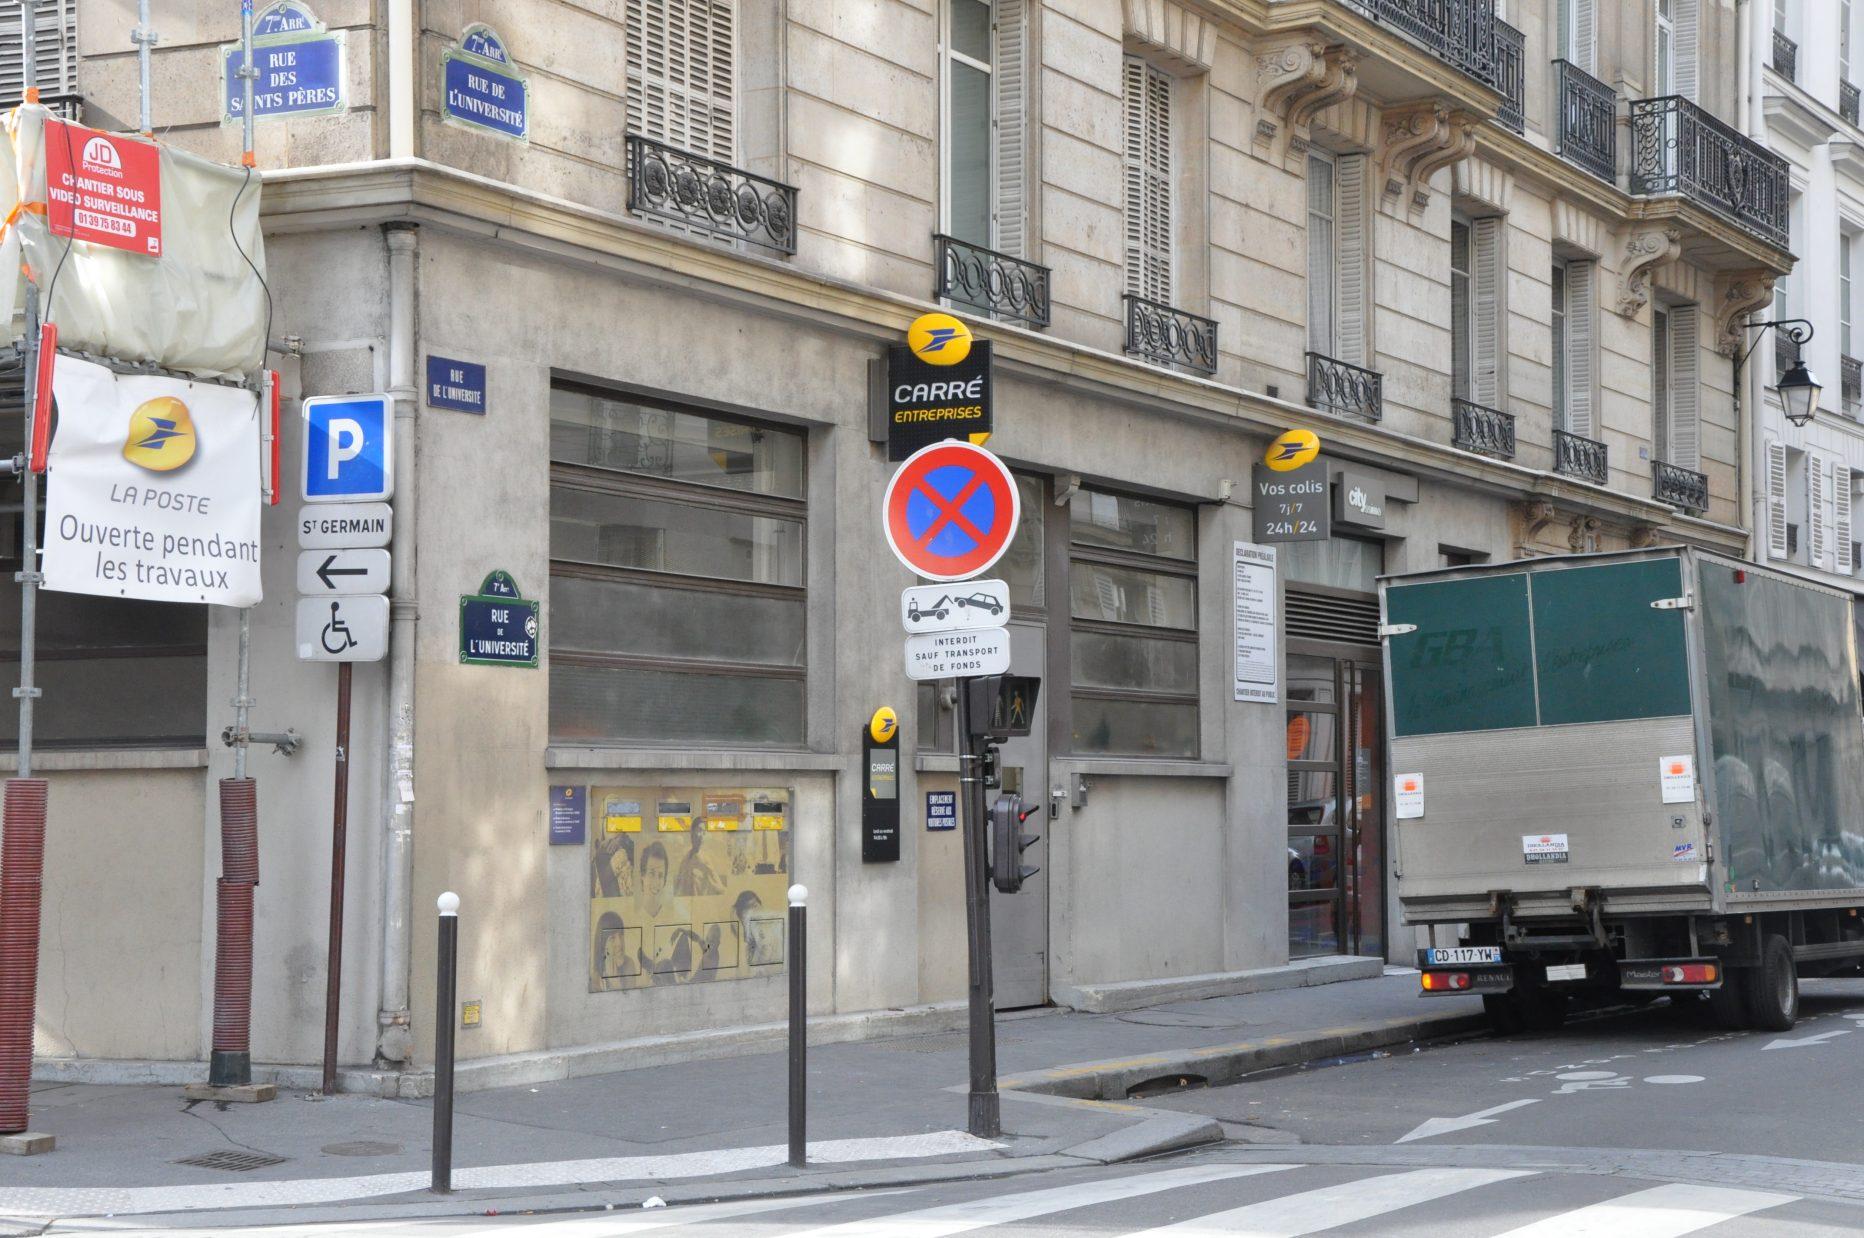 Bureau de poste paris palais bourbon à paris en métro